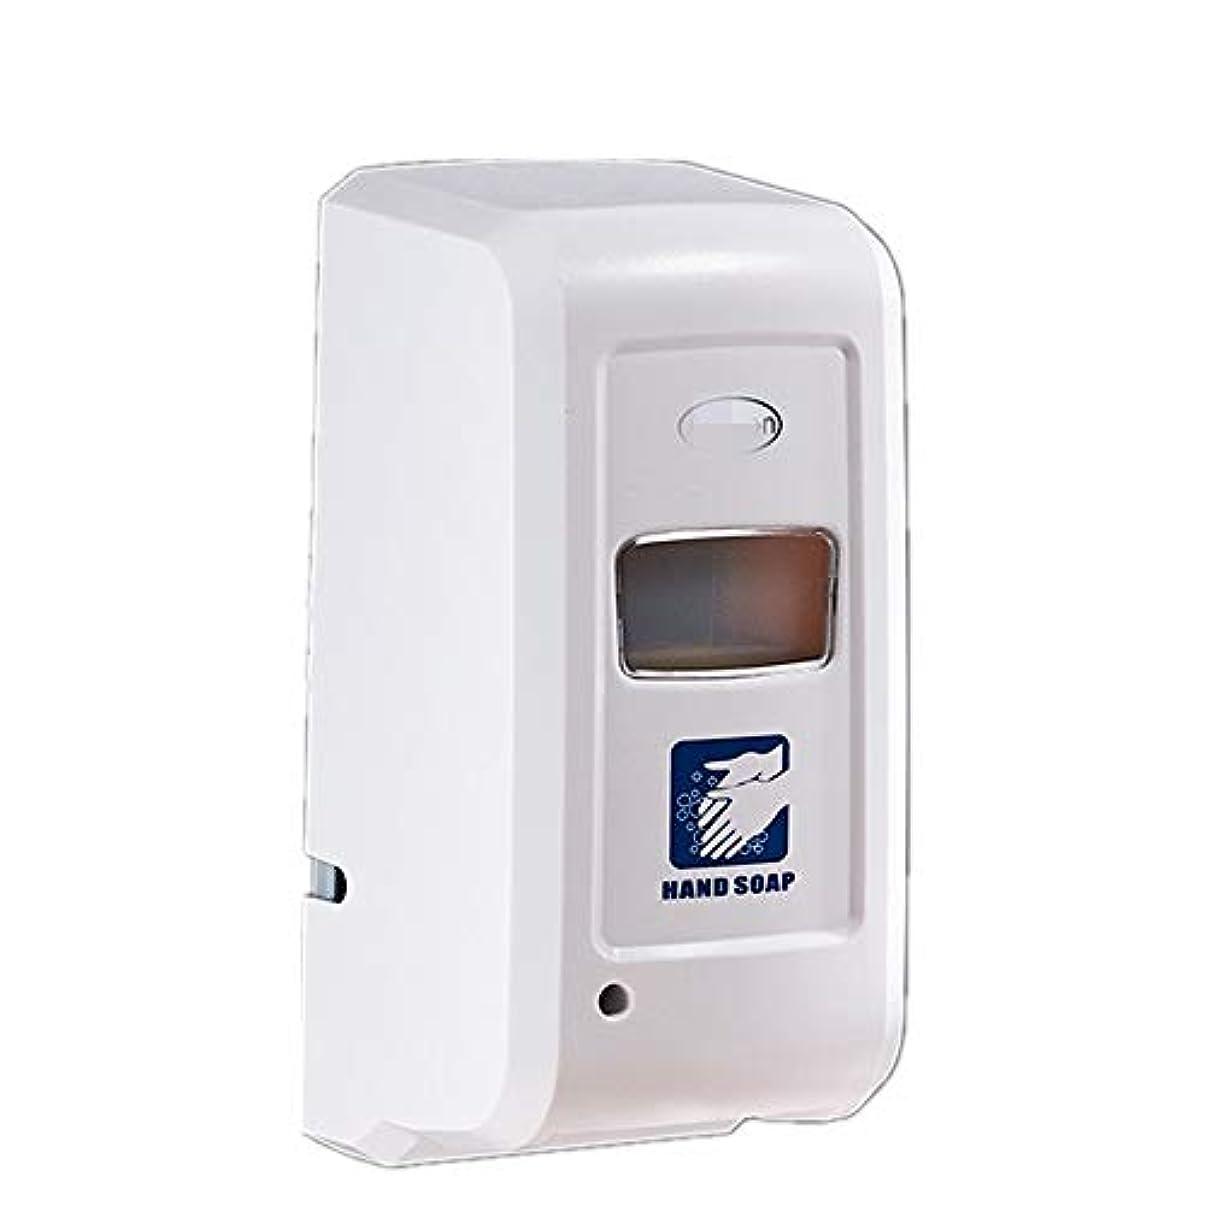 規模広い地域ソープディスペンサー 1000mlの容量自動ソープディスペンサー非接触自動誘導バッテリーは、ソープディスペンサーを運営しました ハンドソープ 食器用洗剤 キッチン 洗面所などに適用 (Color : White, Size...